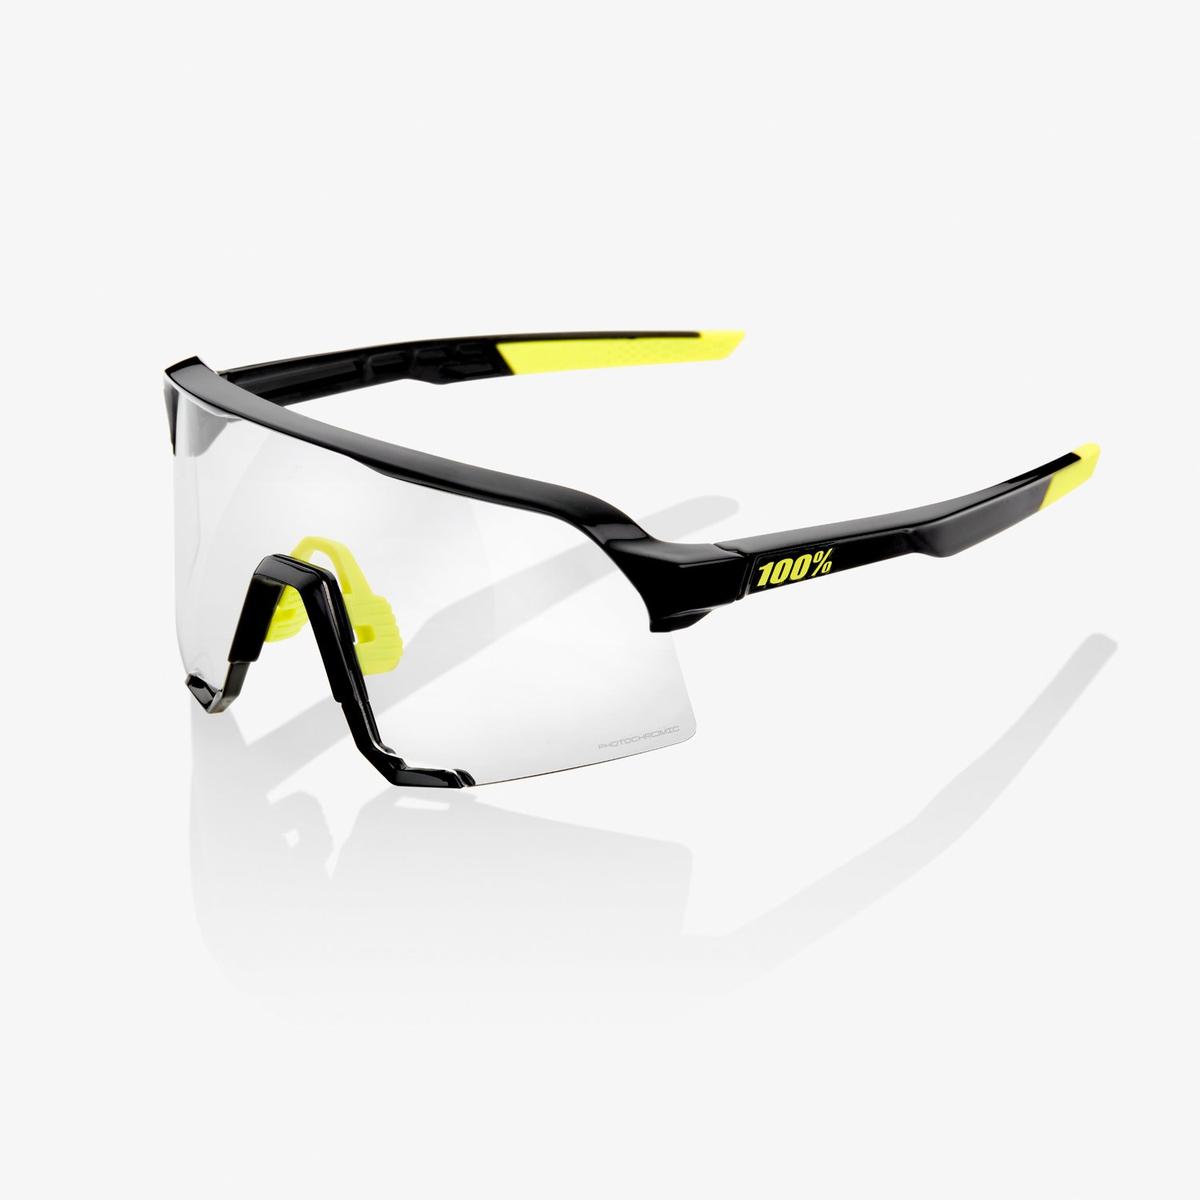 100% S3 Gloss Black - Photocromic Lens Brille